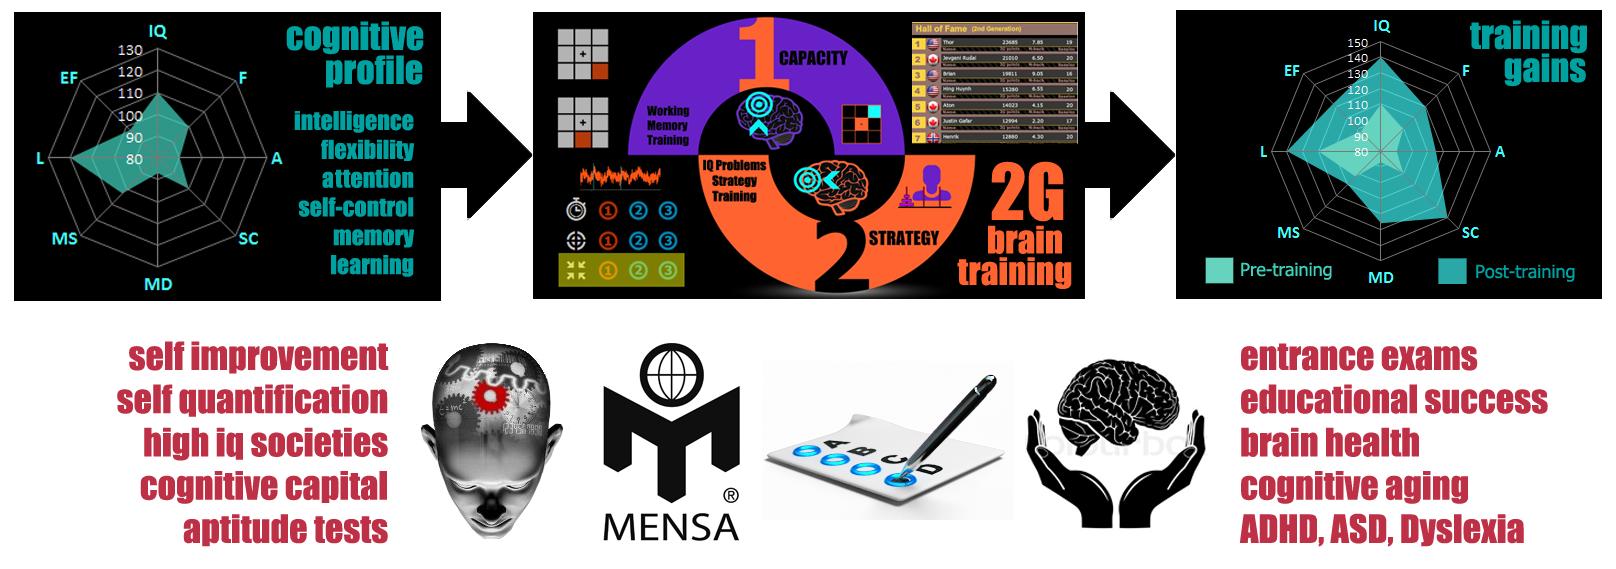 i3 Mindware infographic